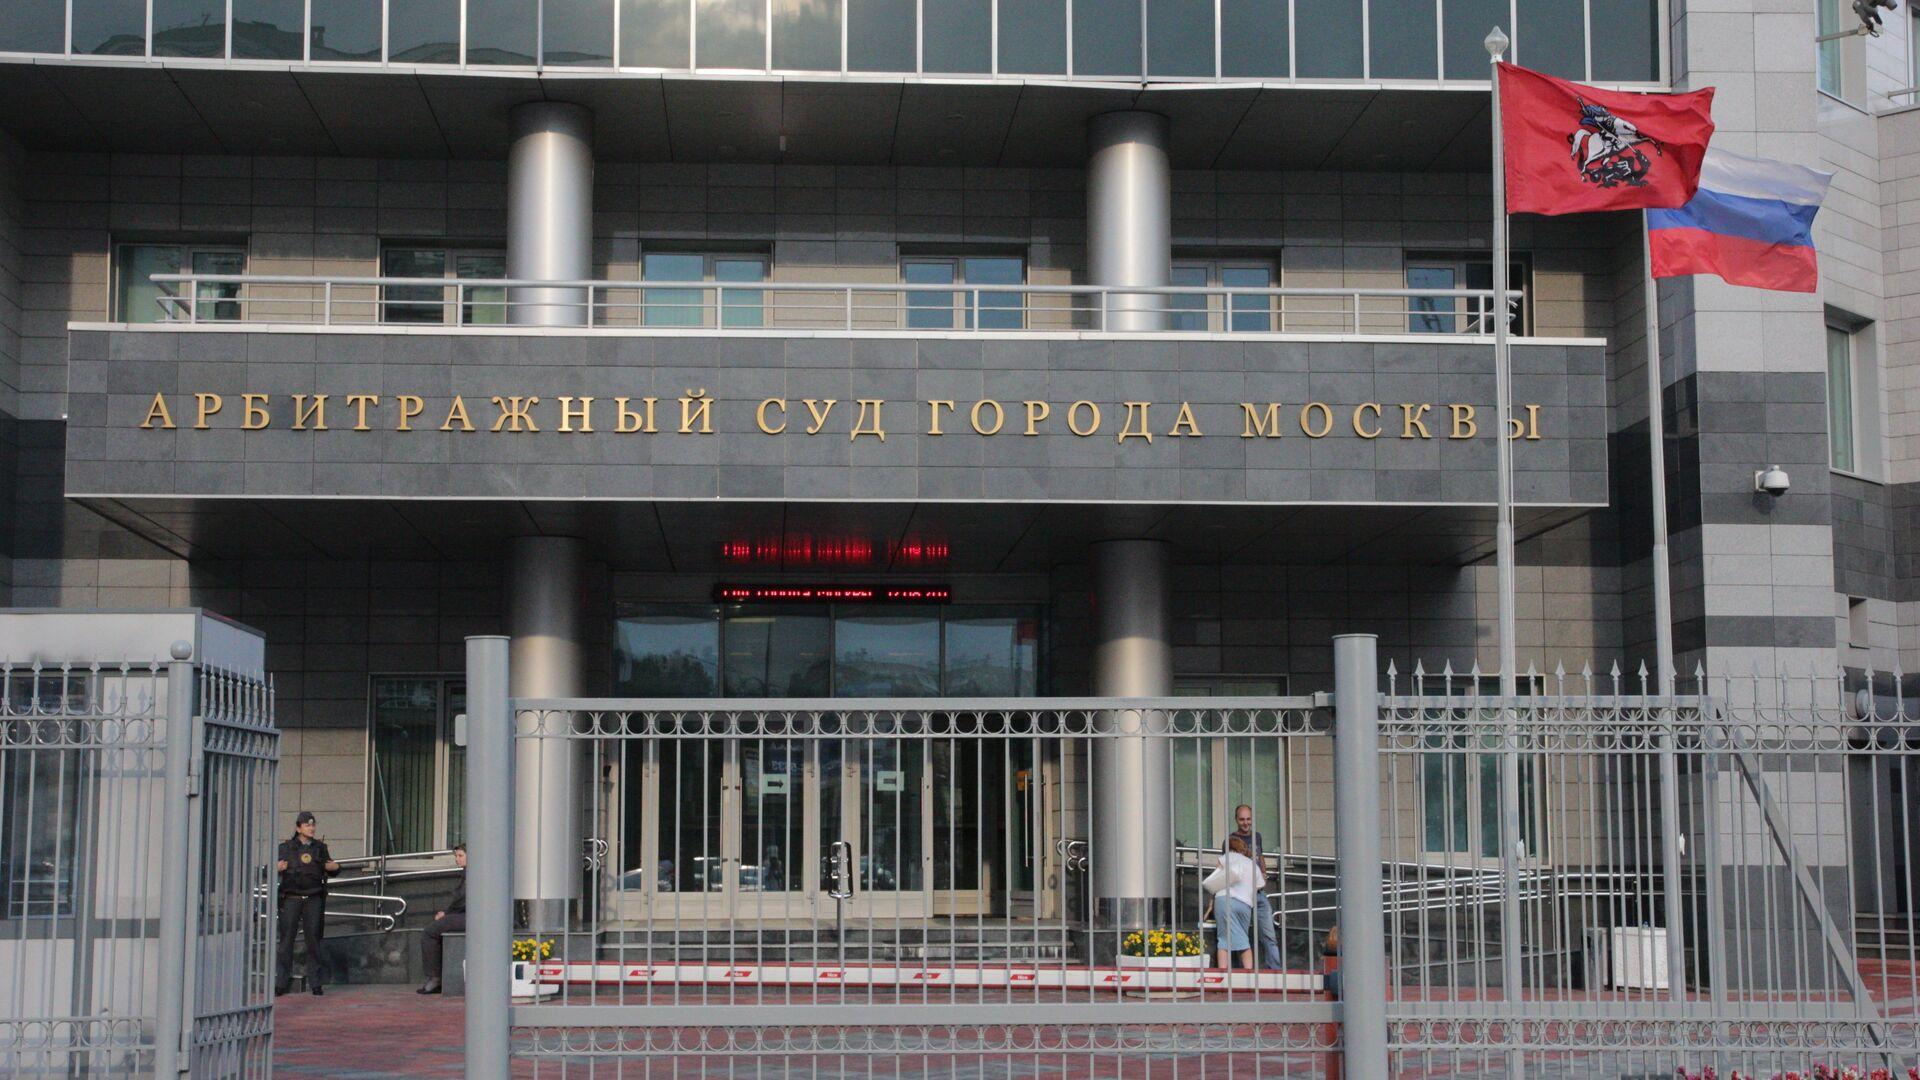 Арбитражный суд Москвы - РИА Новости, 1920, 05.02.2021